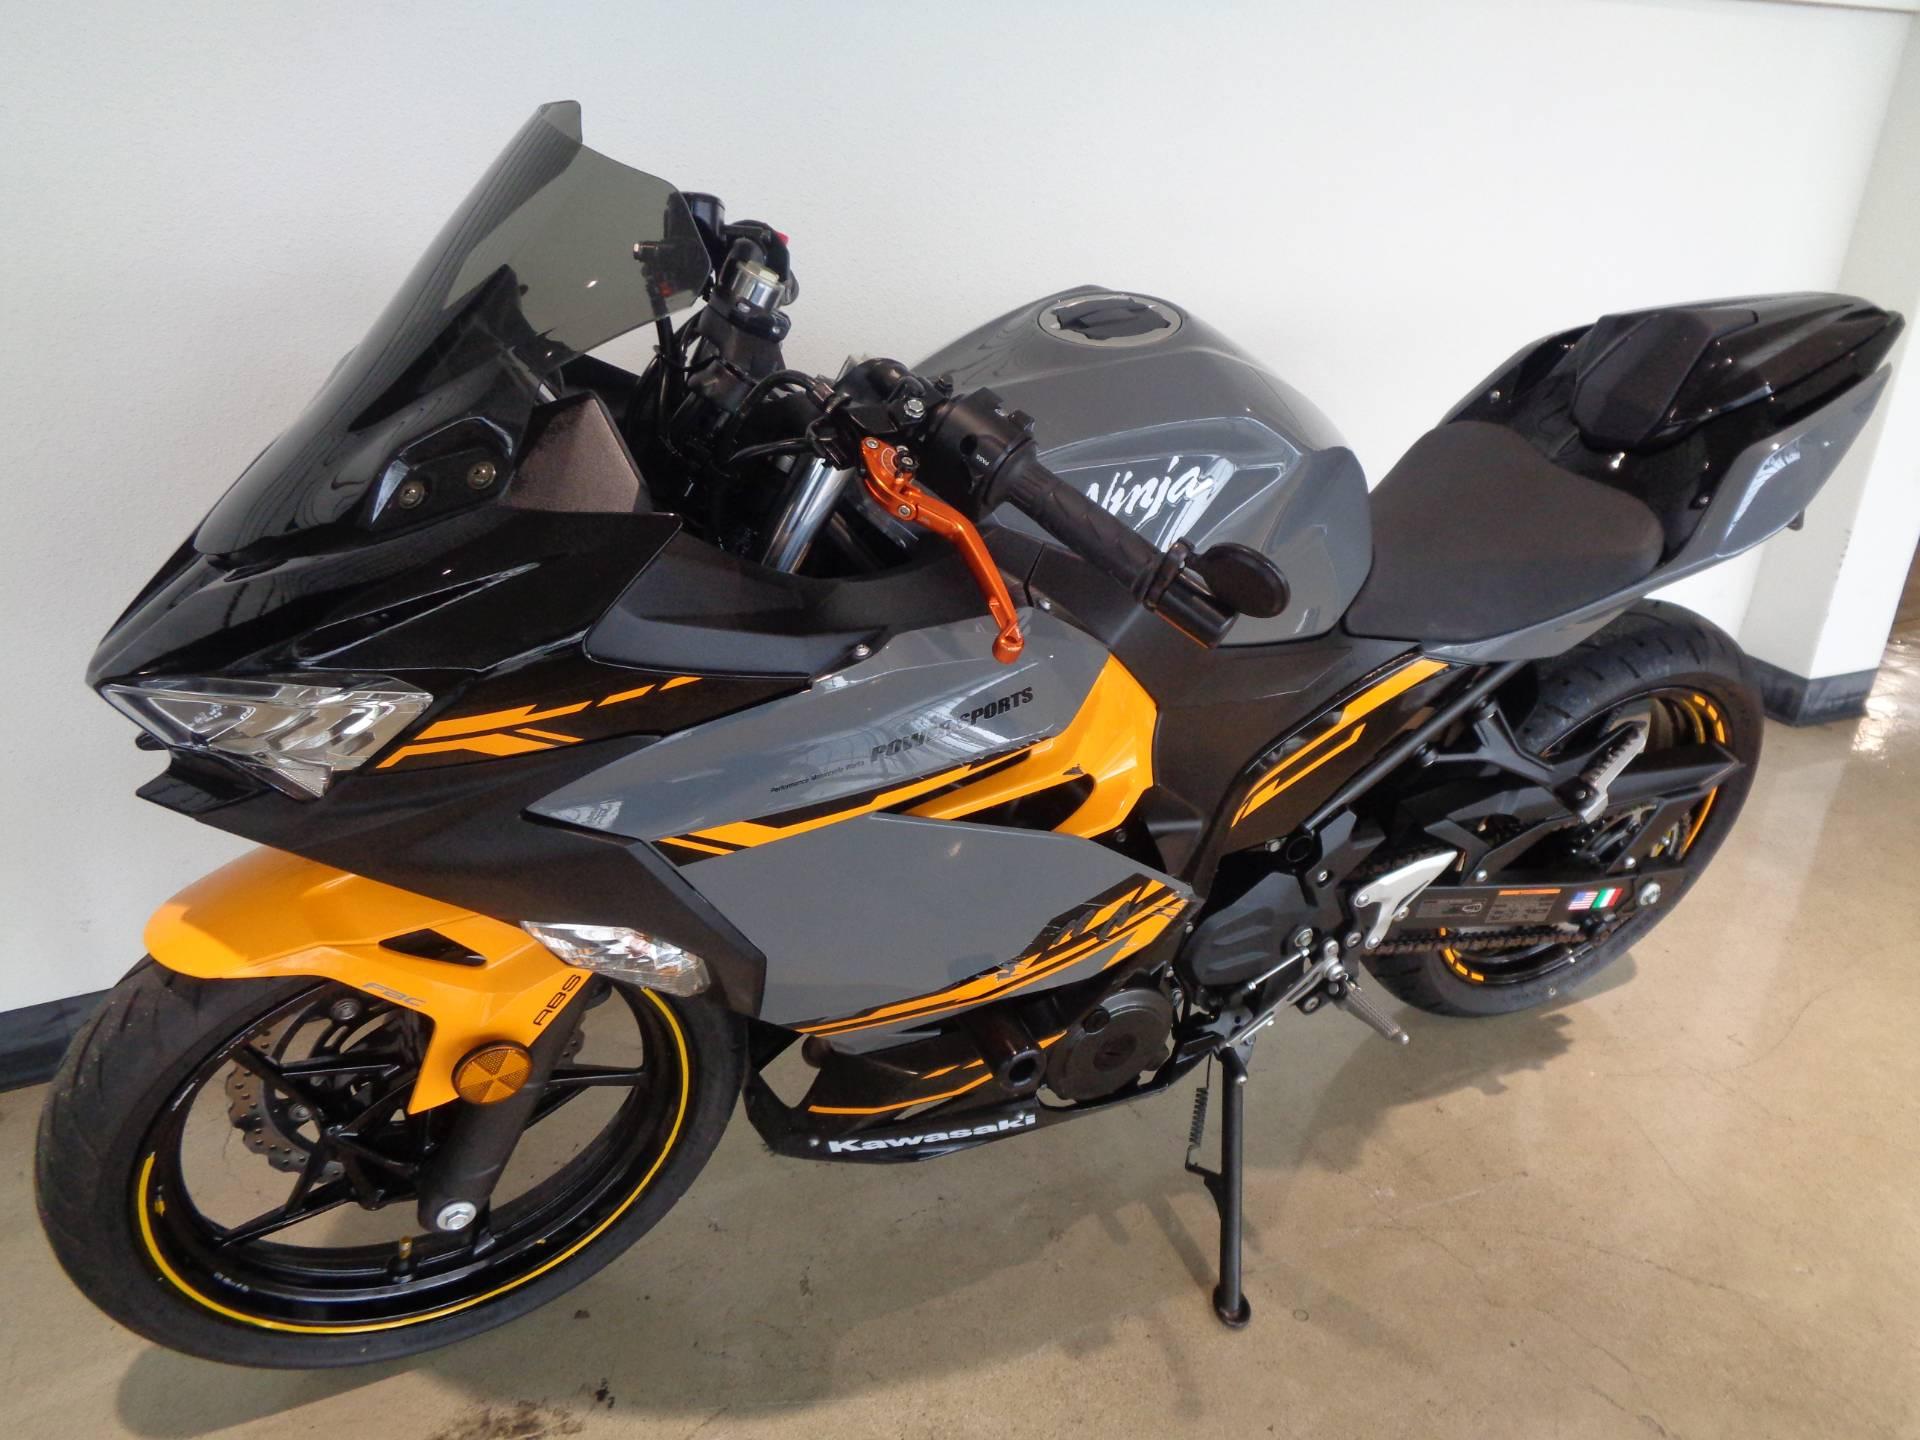 2018 Kawasaki Ninja 400 ABS 11